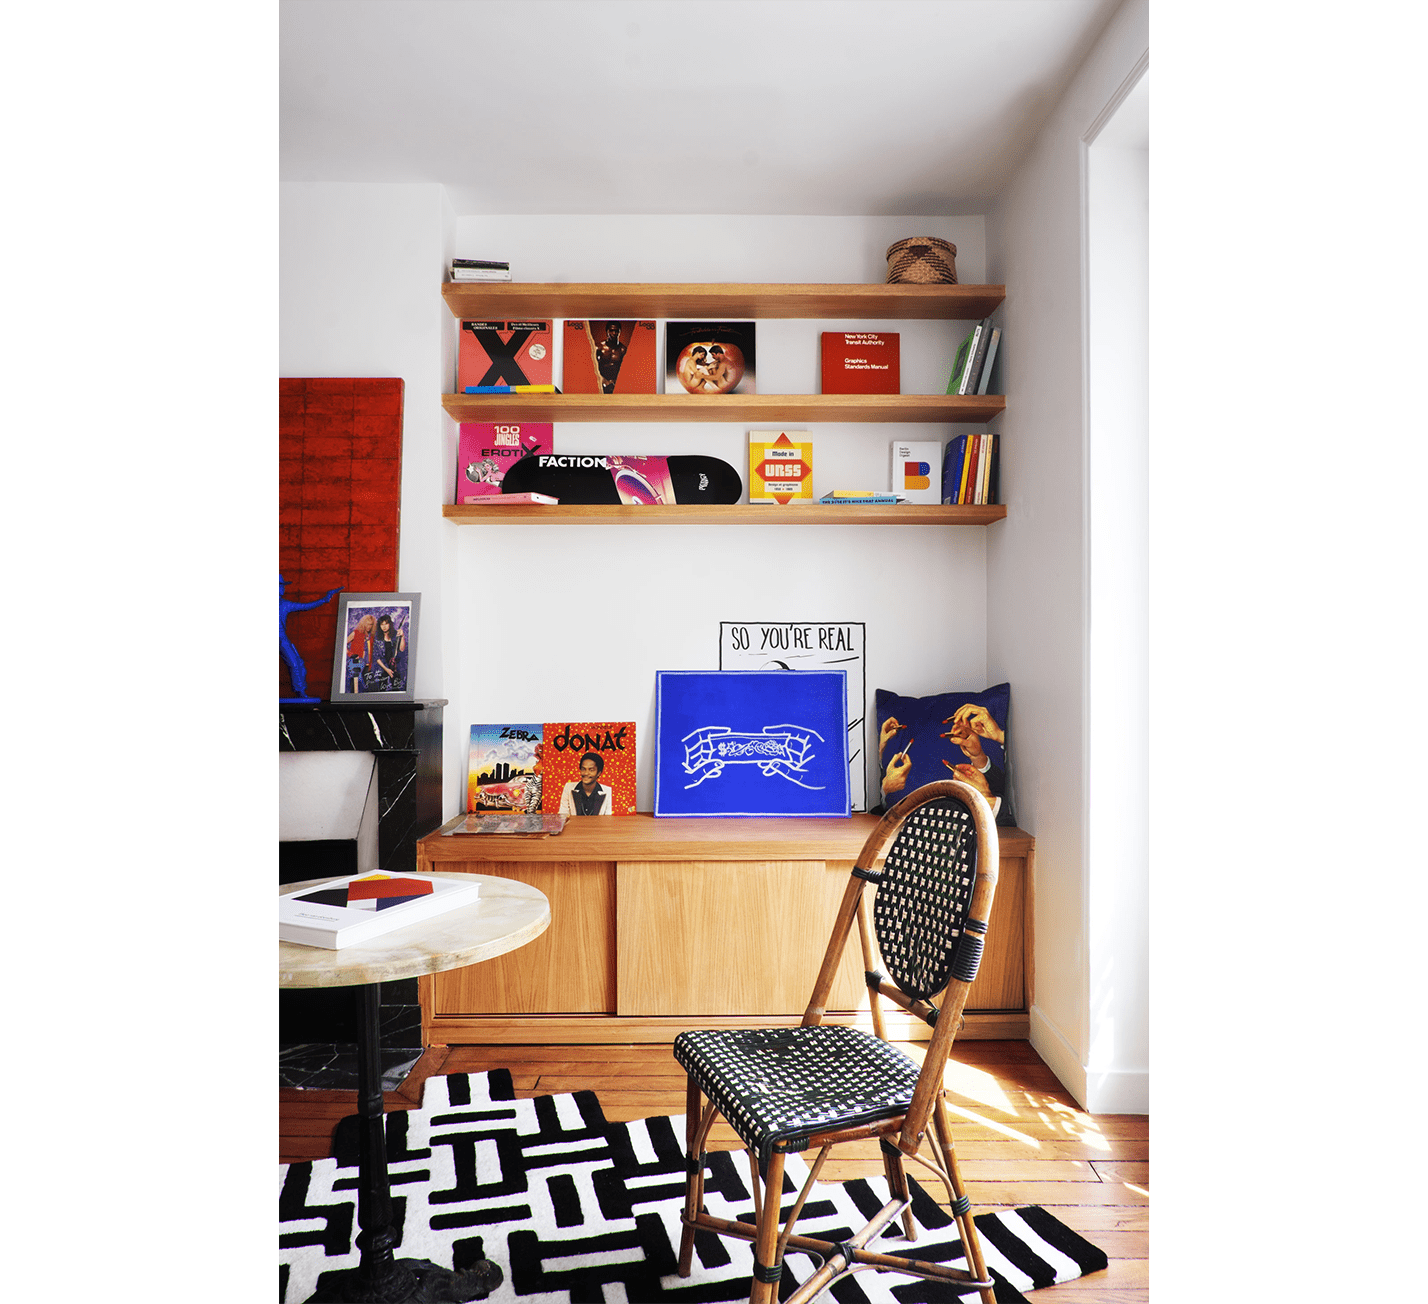 Projet-Montmartre-Atelier-Steve-Pauline-Borgia-Architecture-interieur-12-min